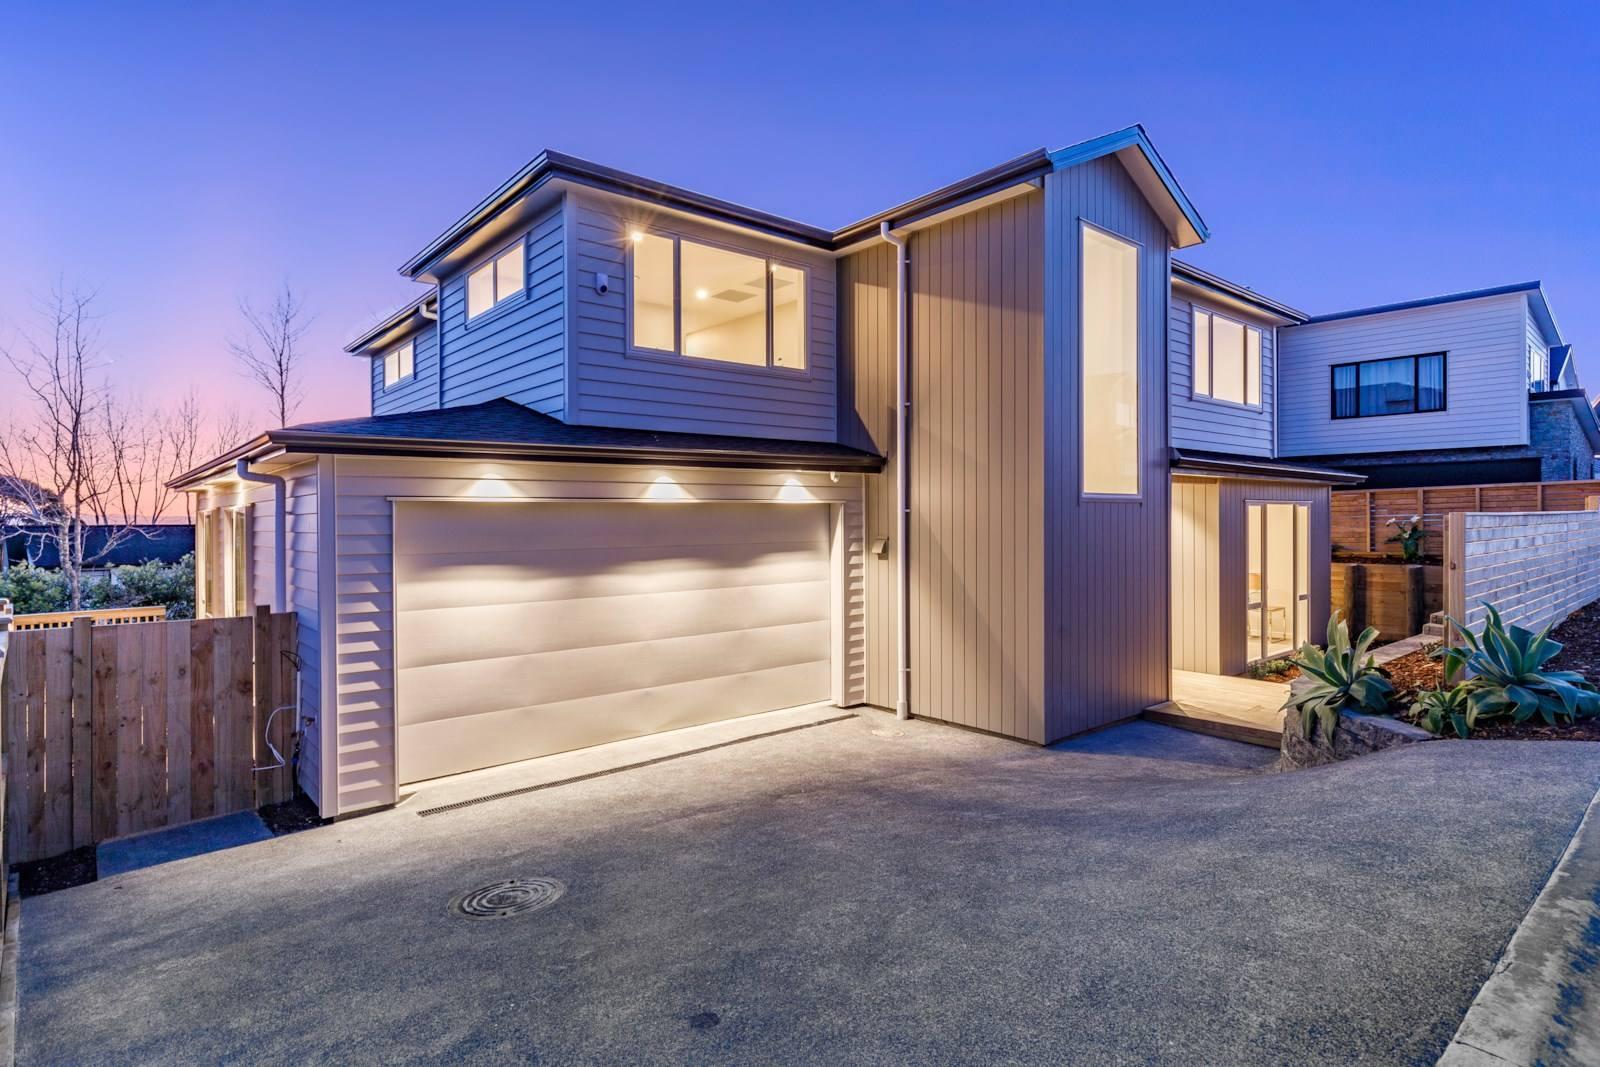 Glenfield 5房 精雕细琢的全新豪宅 迷人海景相伴 热门静街 咫尺私校&商场 诚邀您亲临赏鉴! Brand New Luxury House